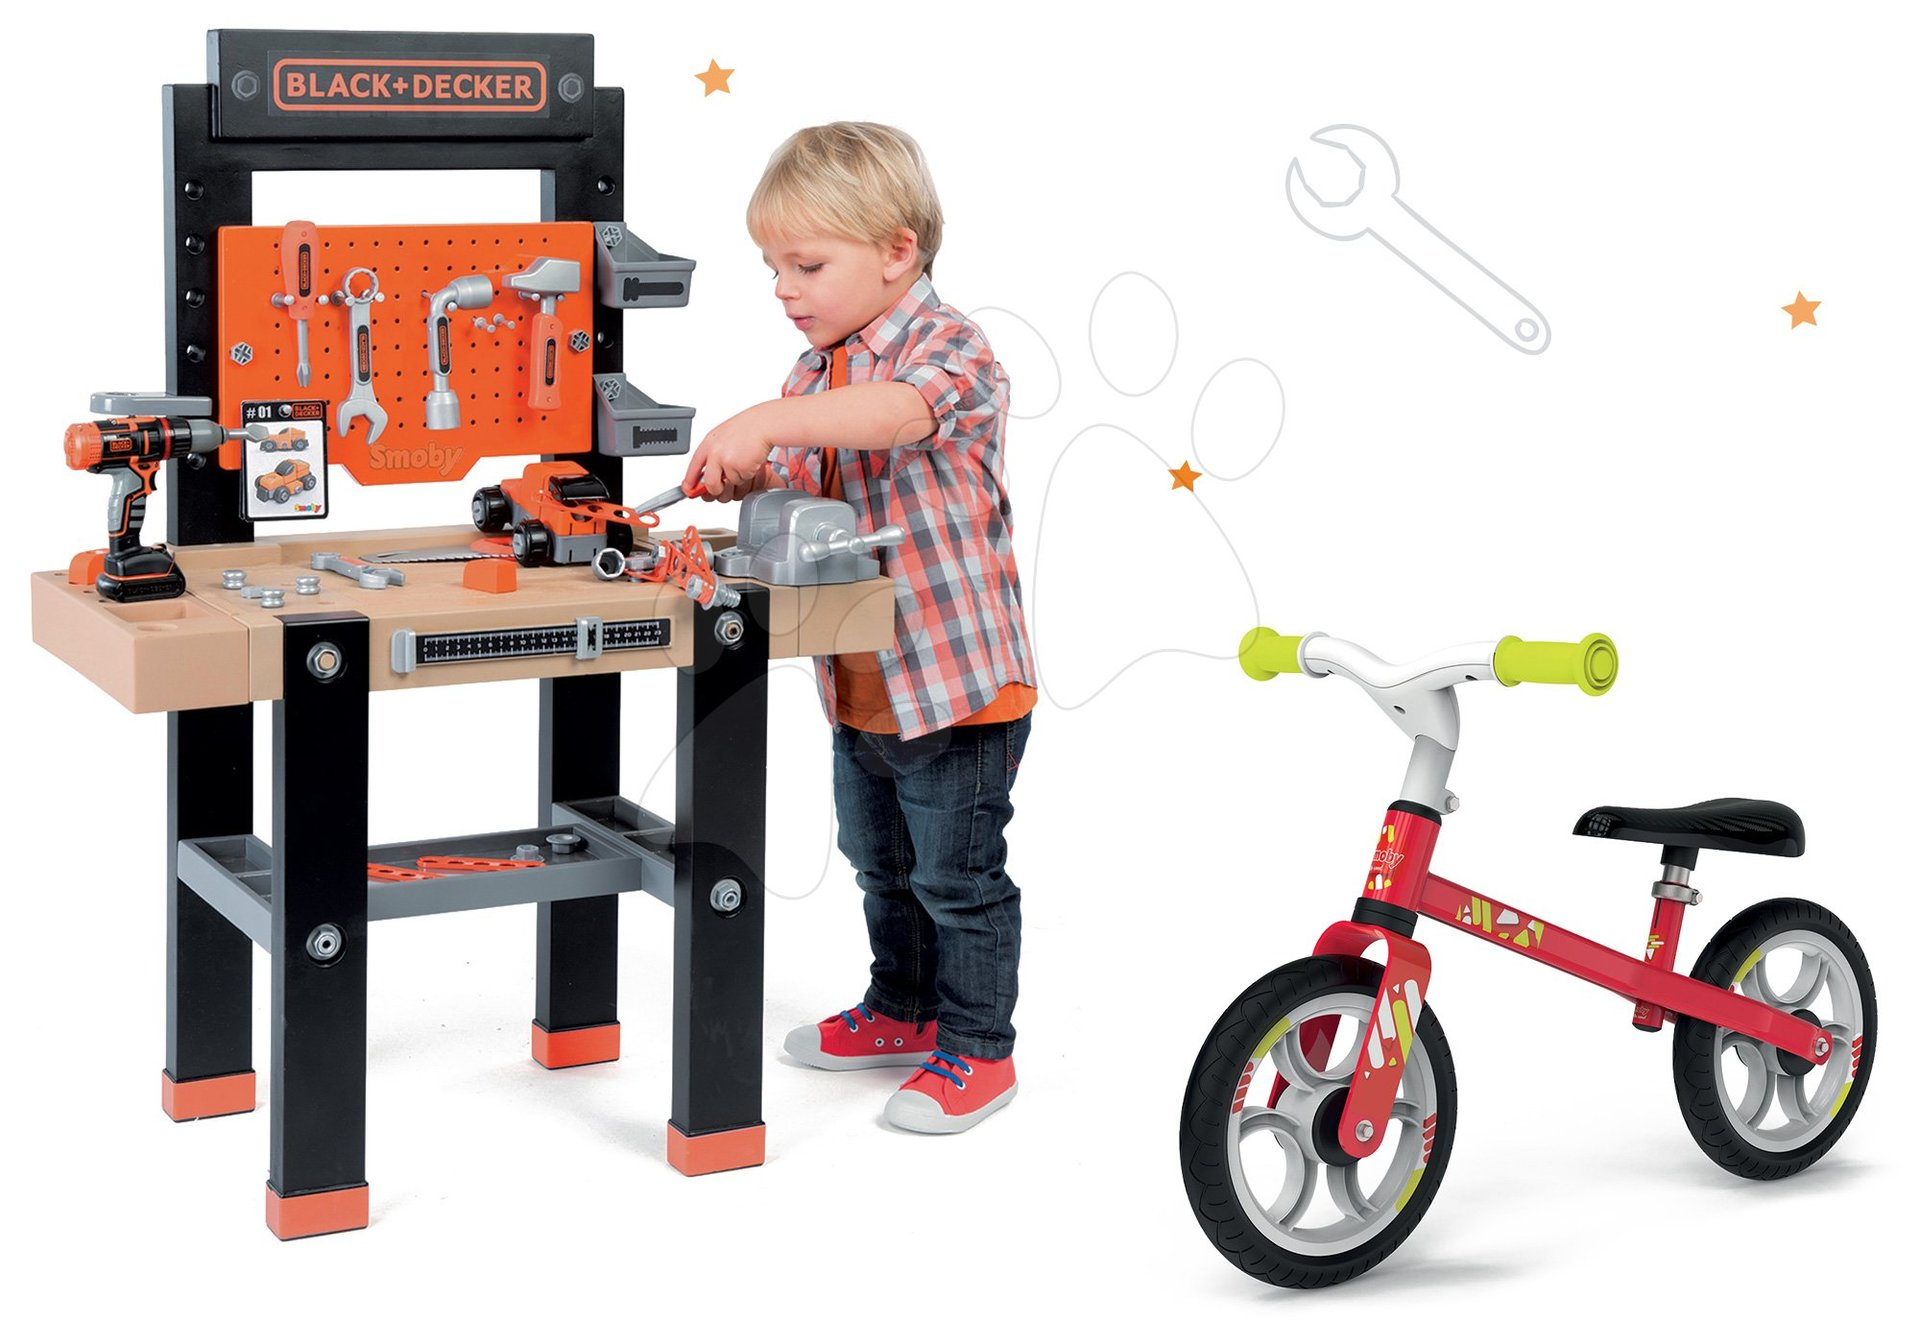 Smoby pracovná dielňa pre deti Black+Decker a odrážadlo First Bike 360701-6